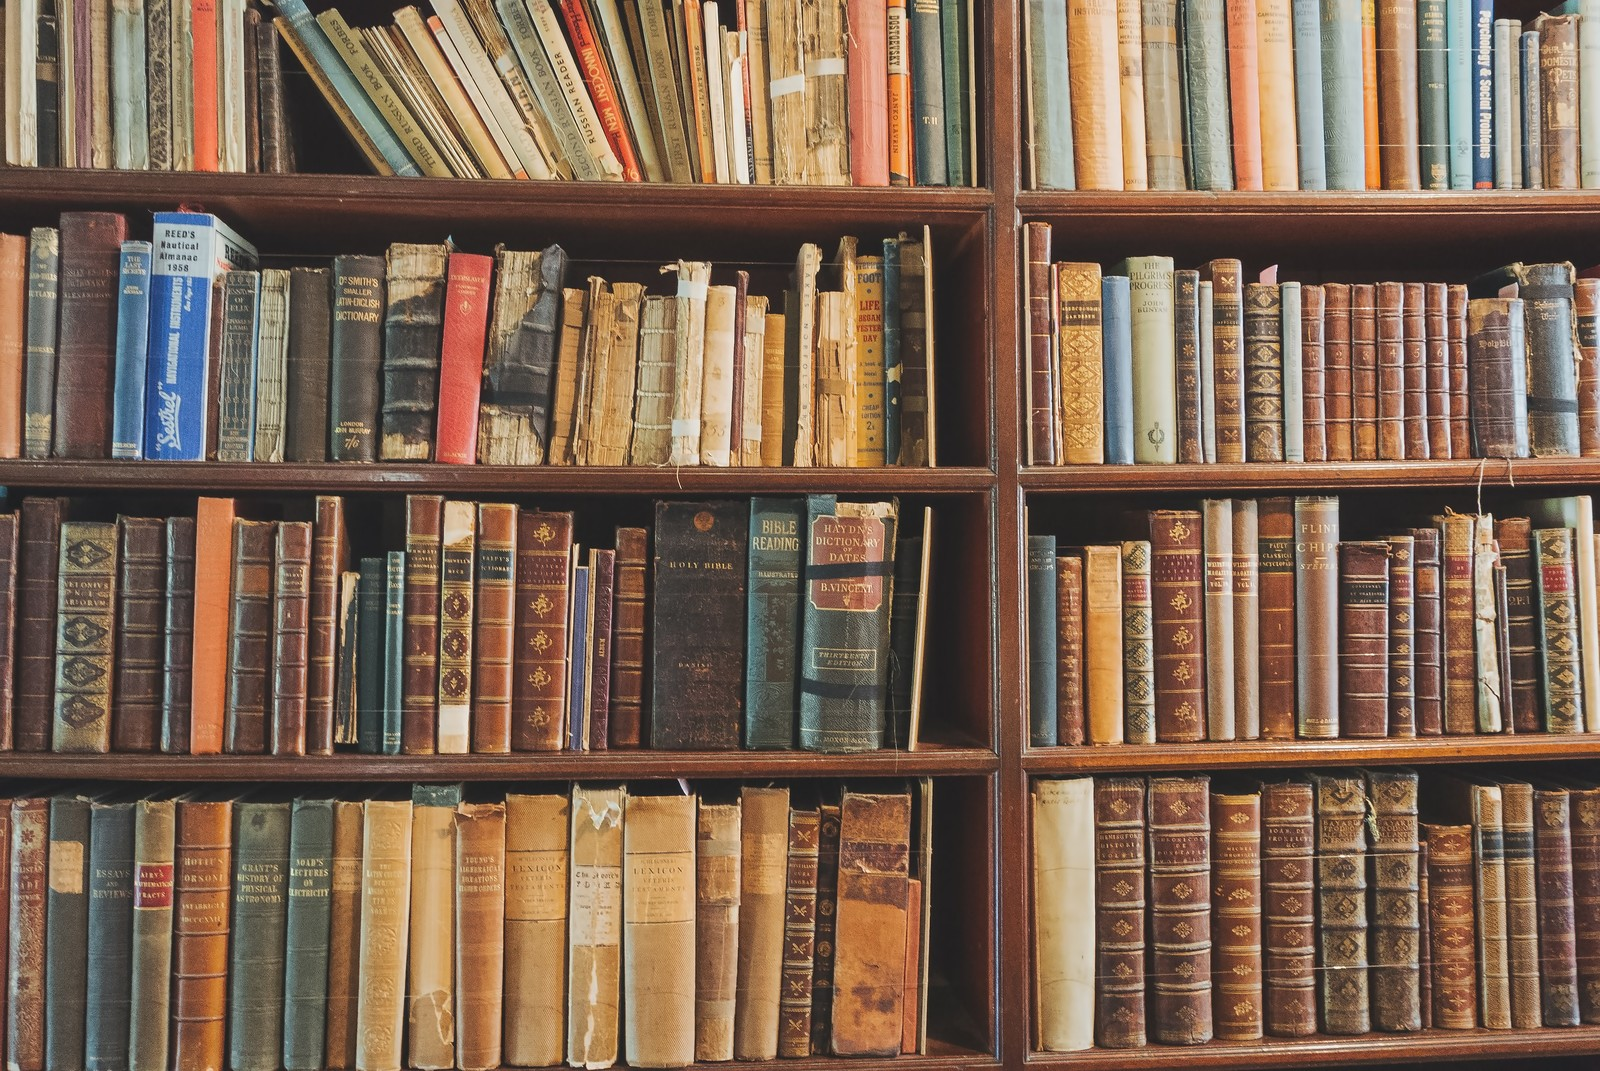 「洋書の本棚洋書の本棚」のフリー写真素材